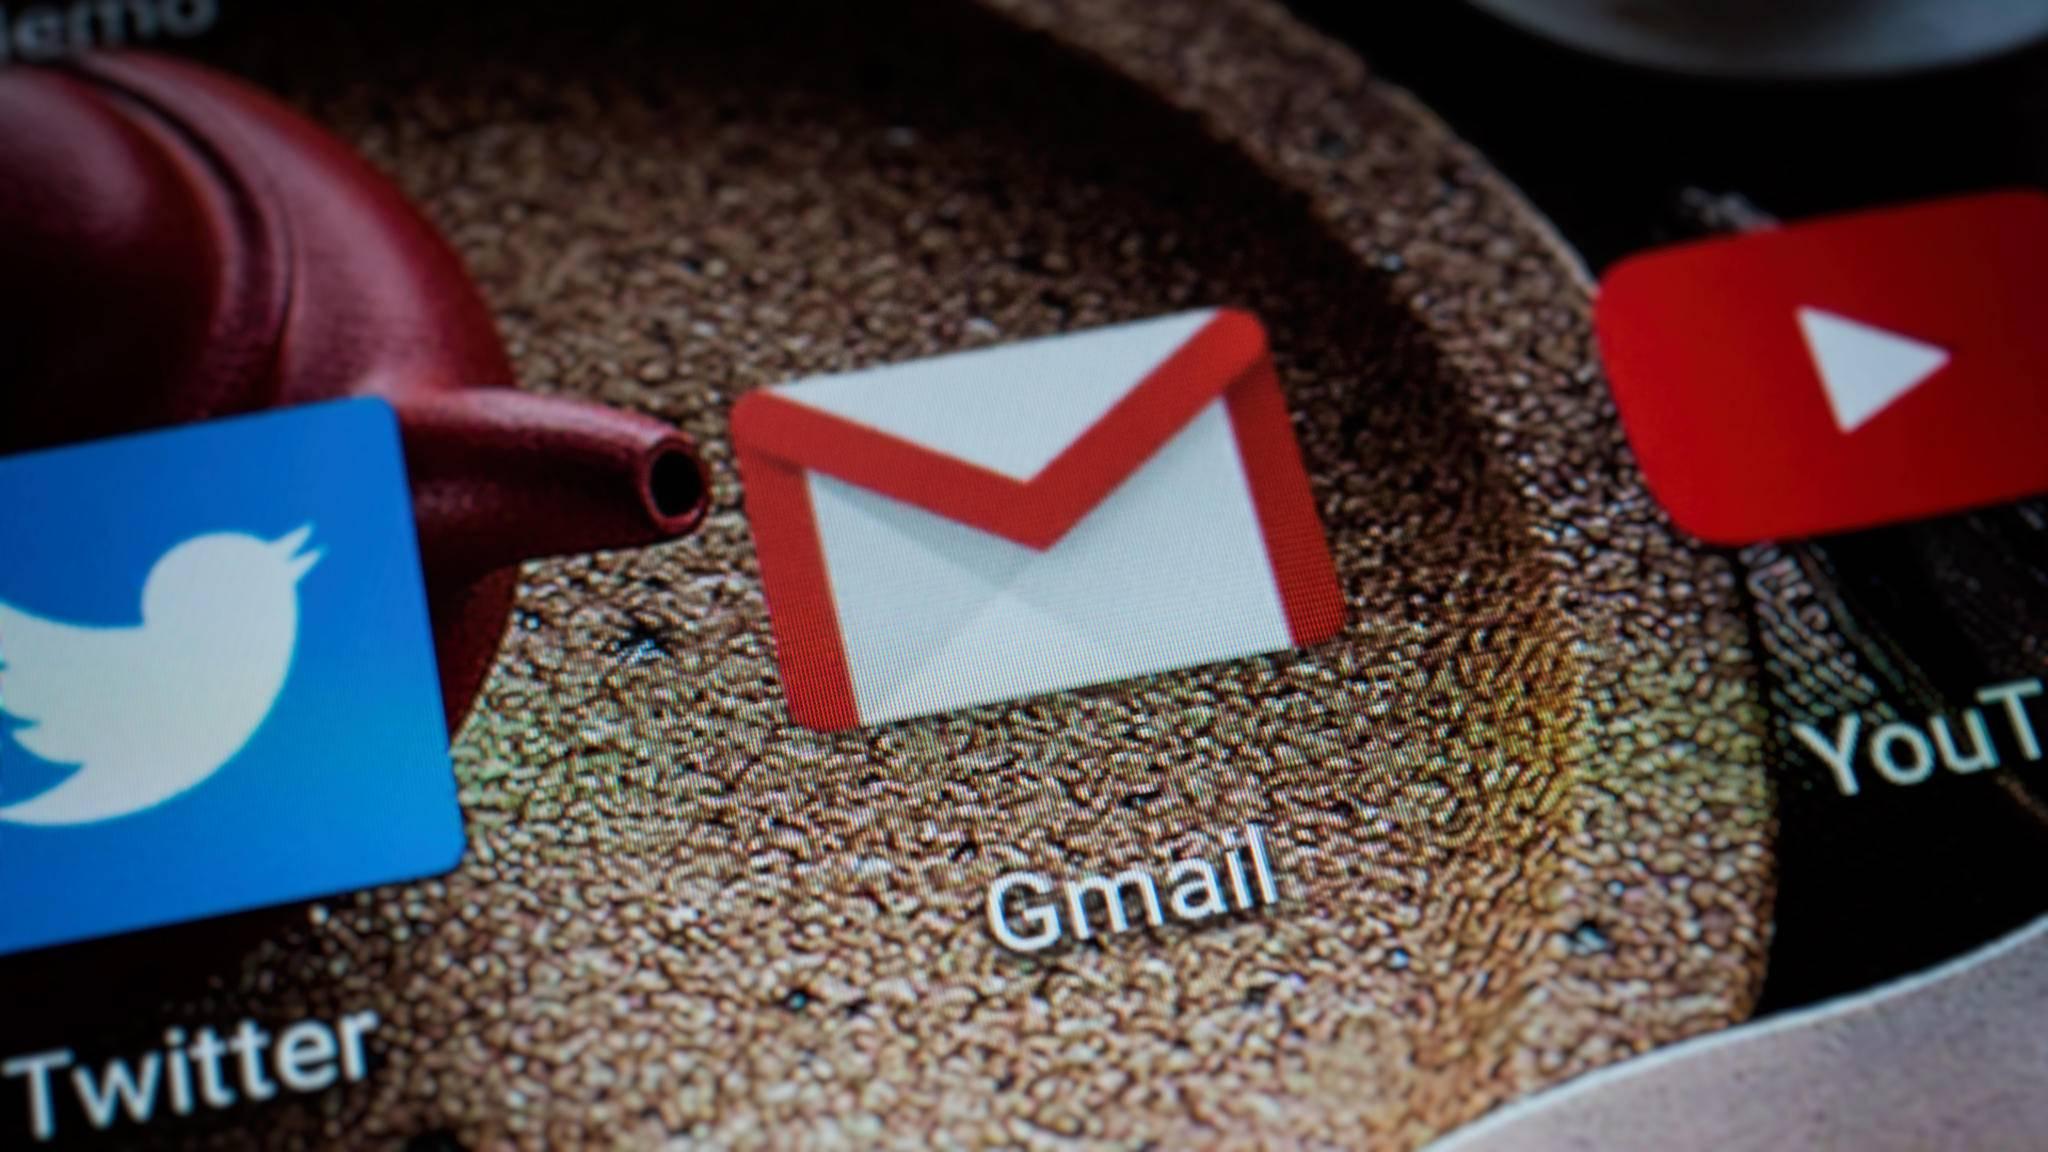 E-Mail-Anhänge kannst Du im Handumdrehen auf dem Smartphone speichern.